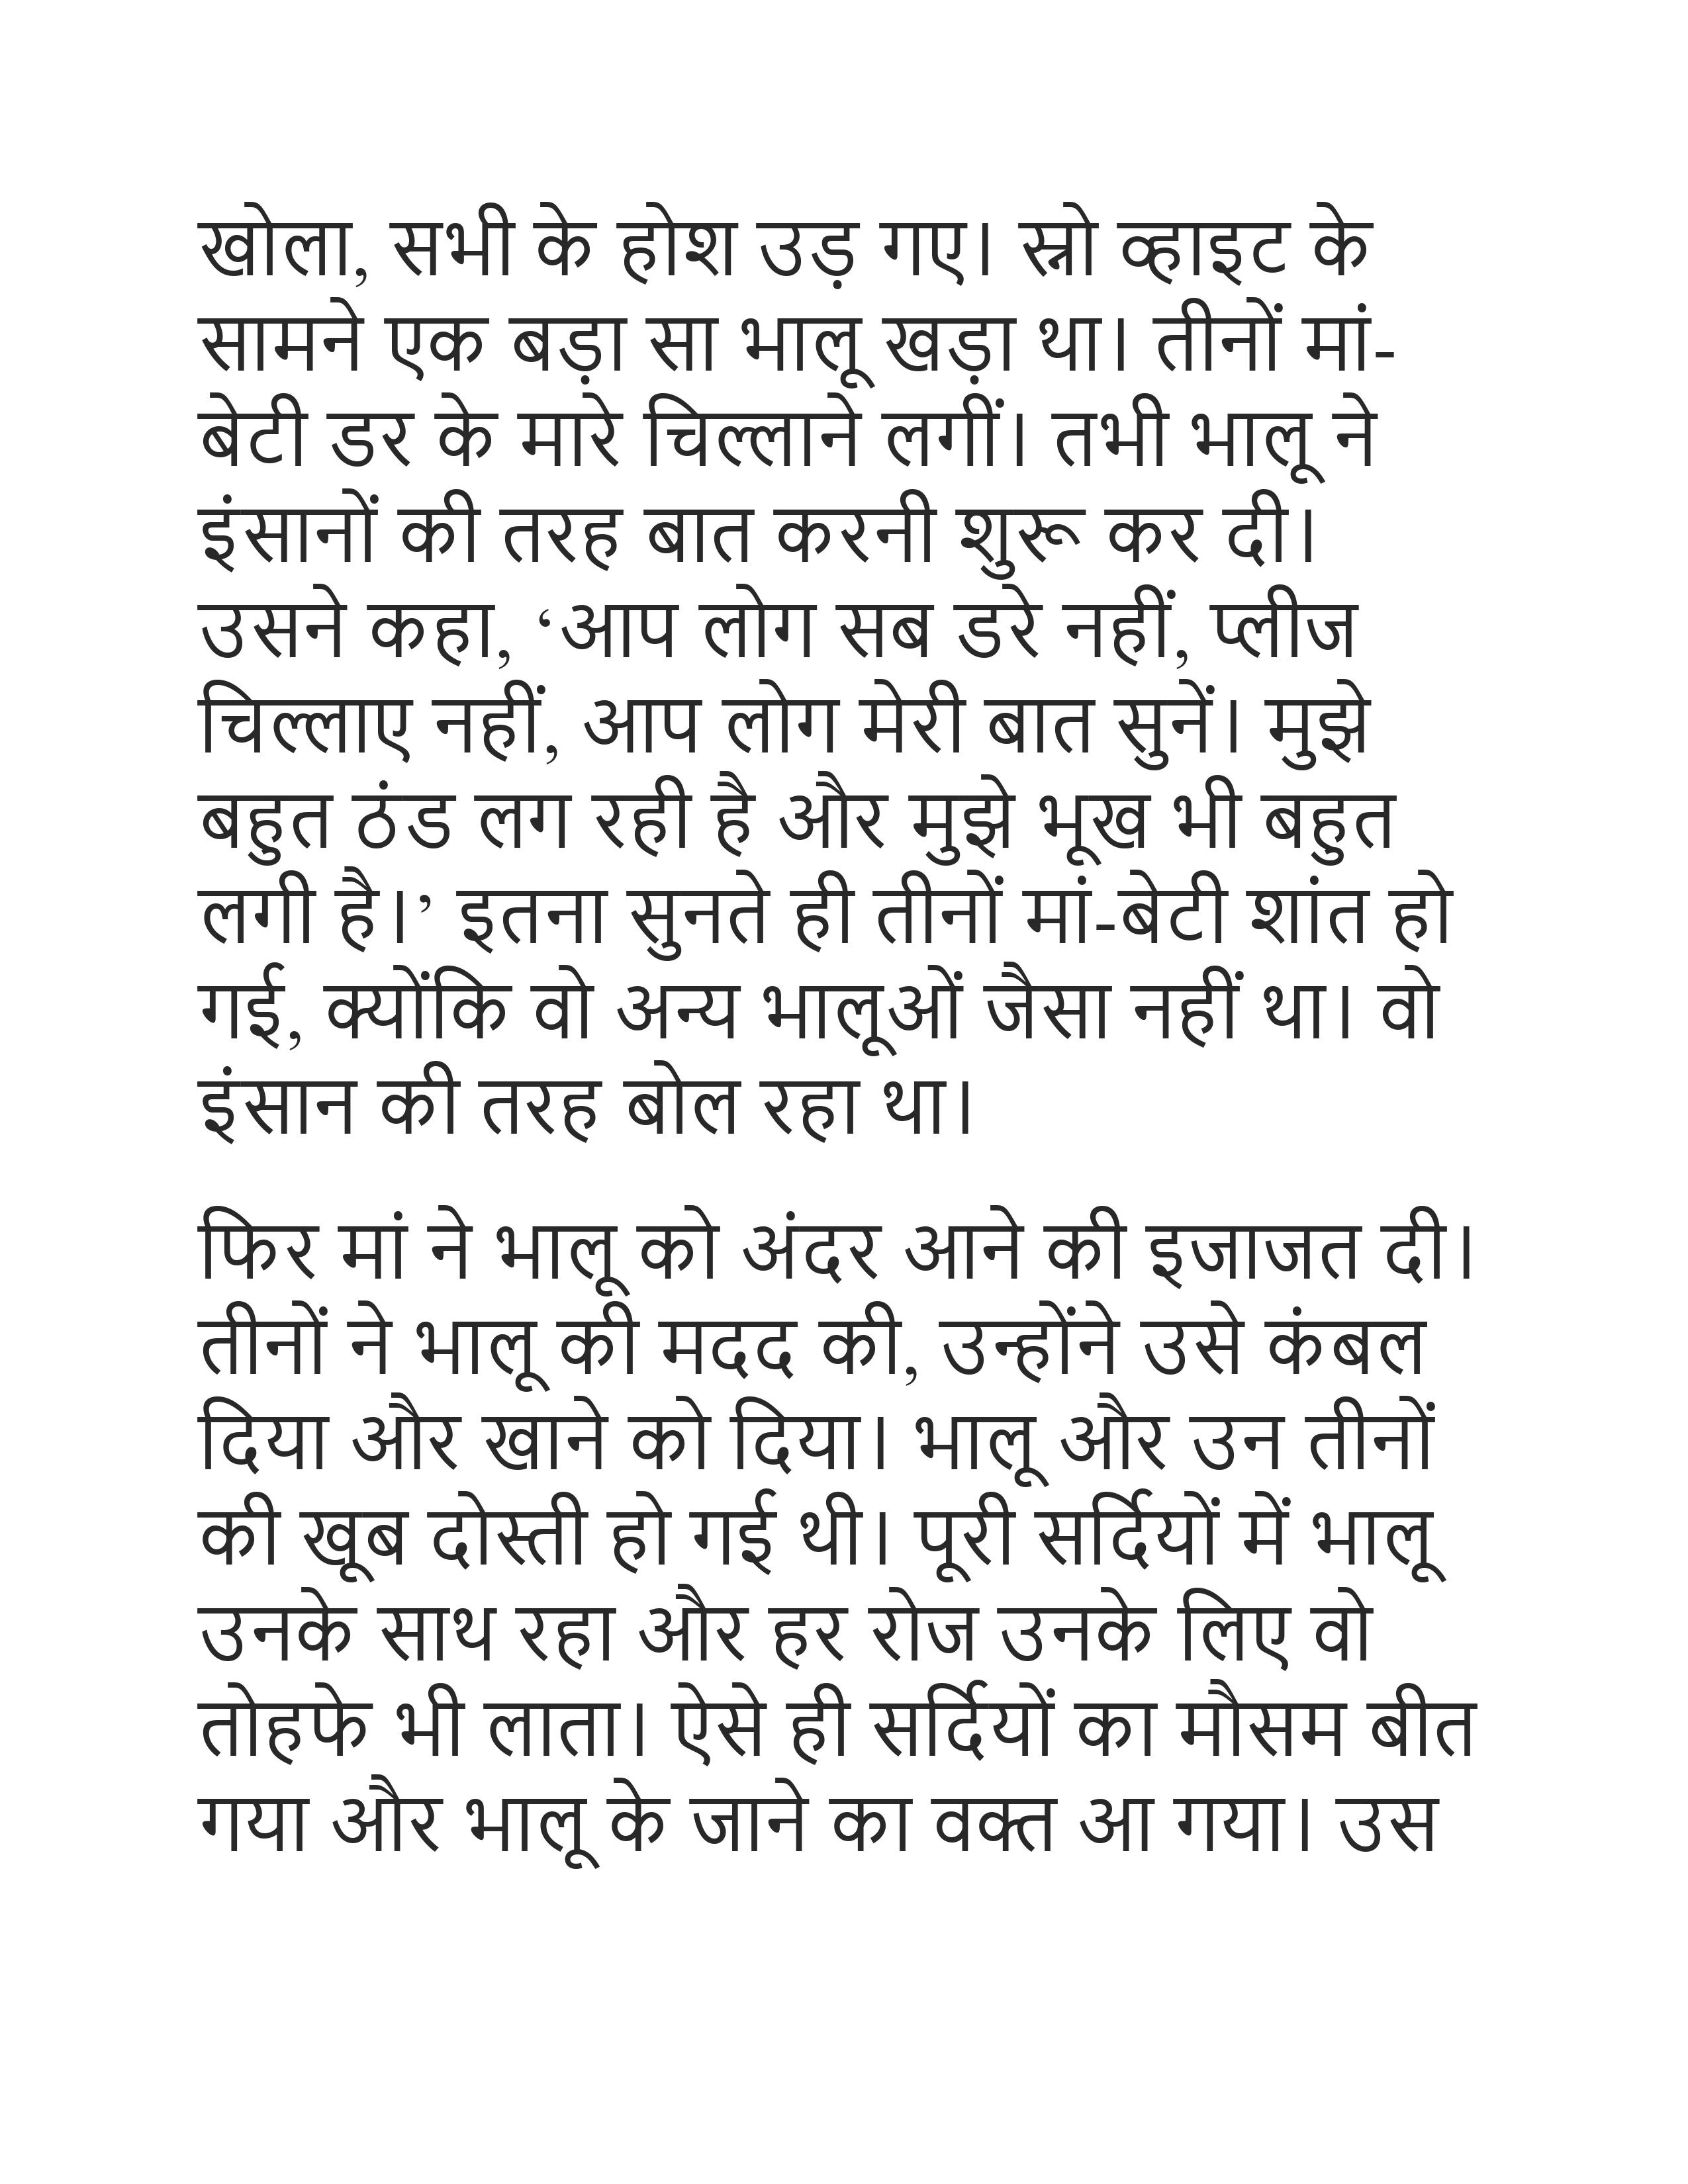 Fairy tales hindi pariyon ki kahaniya 3 1